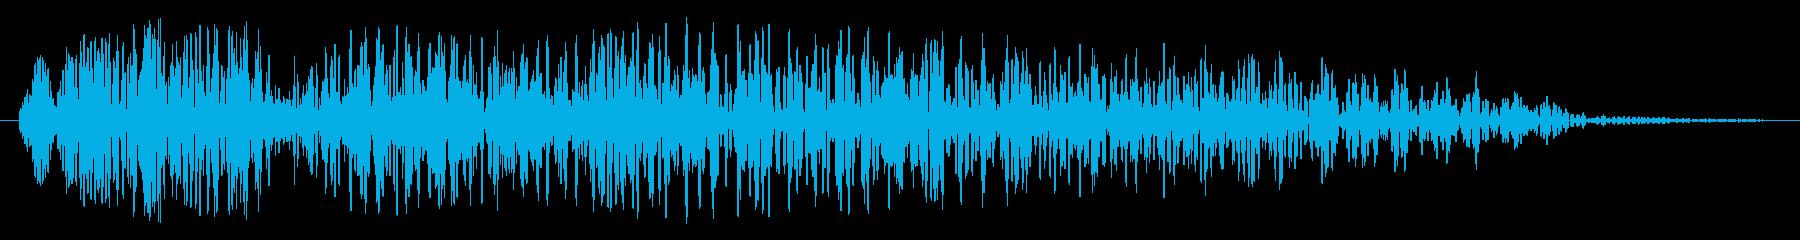 不気味なダンジョン(扉が開く音)の再生済みの波形